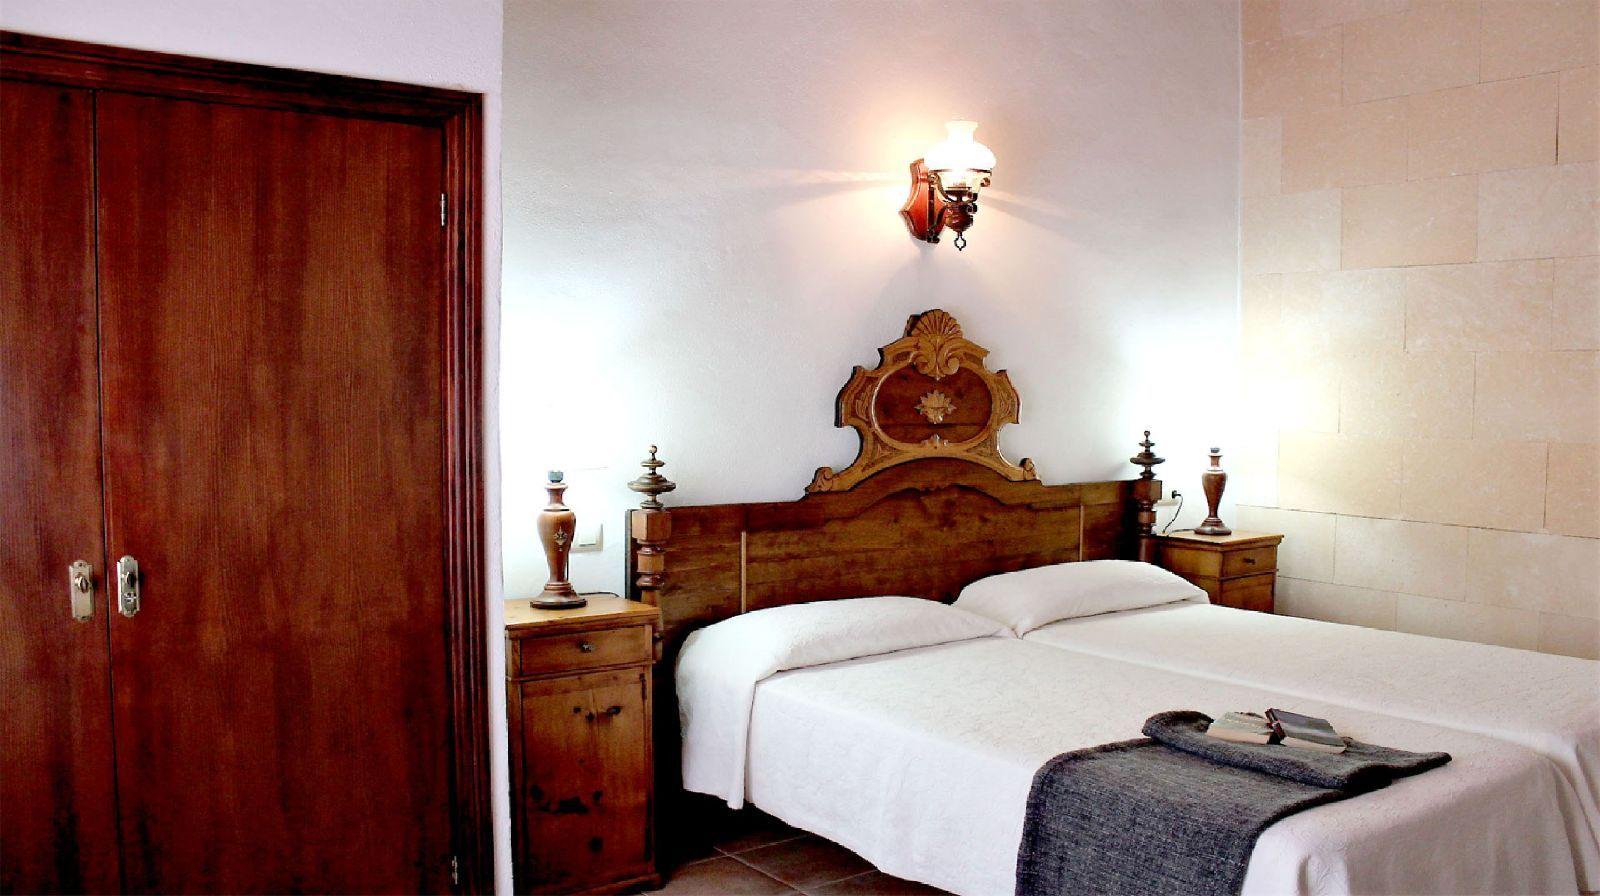 Finca Hotel Es Torrent · Double Room